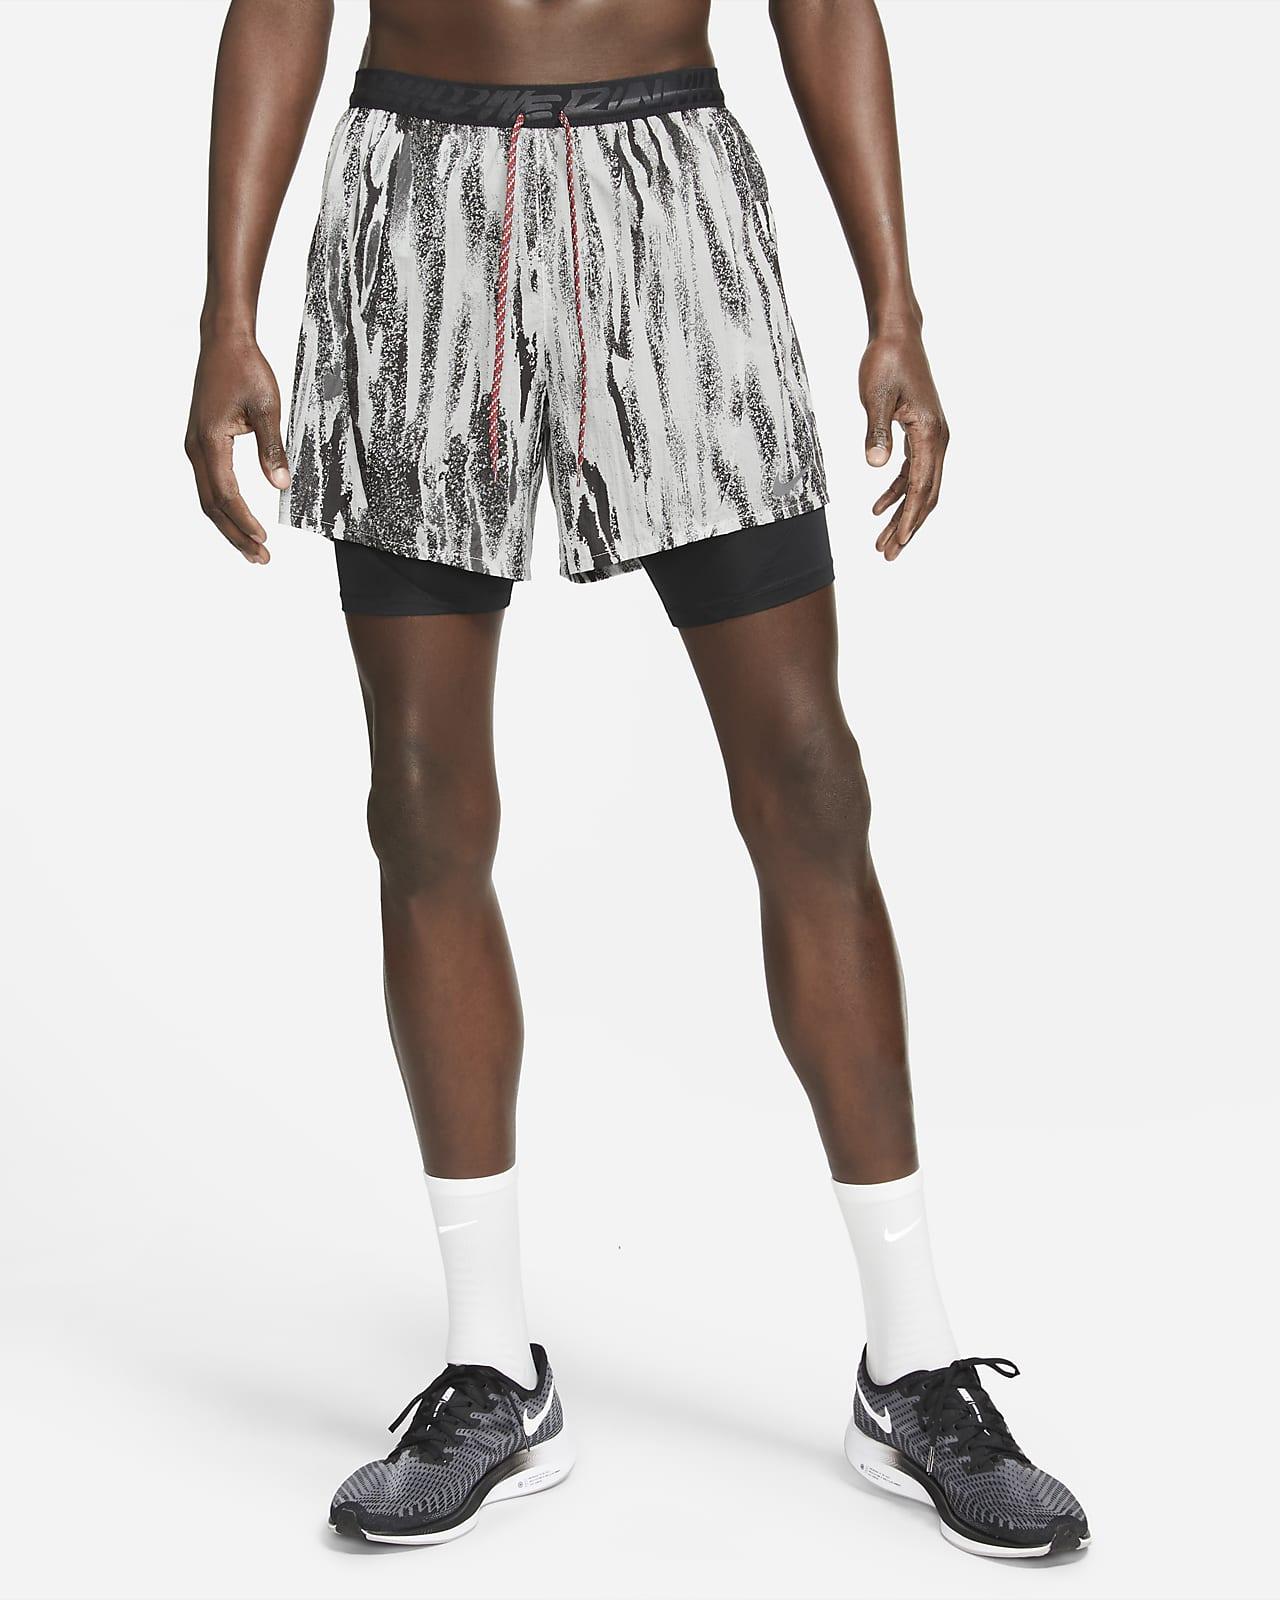 Nike Flex Stride Wild Run Men's 2-In-1 Running Shorts